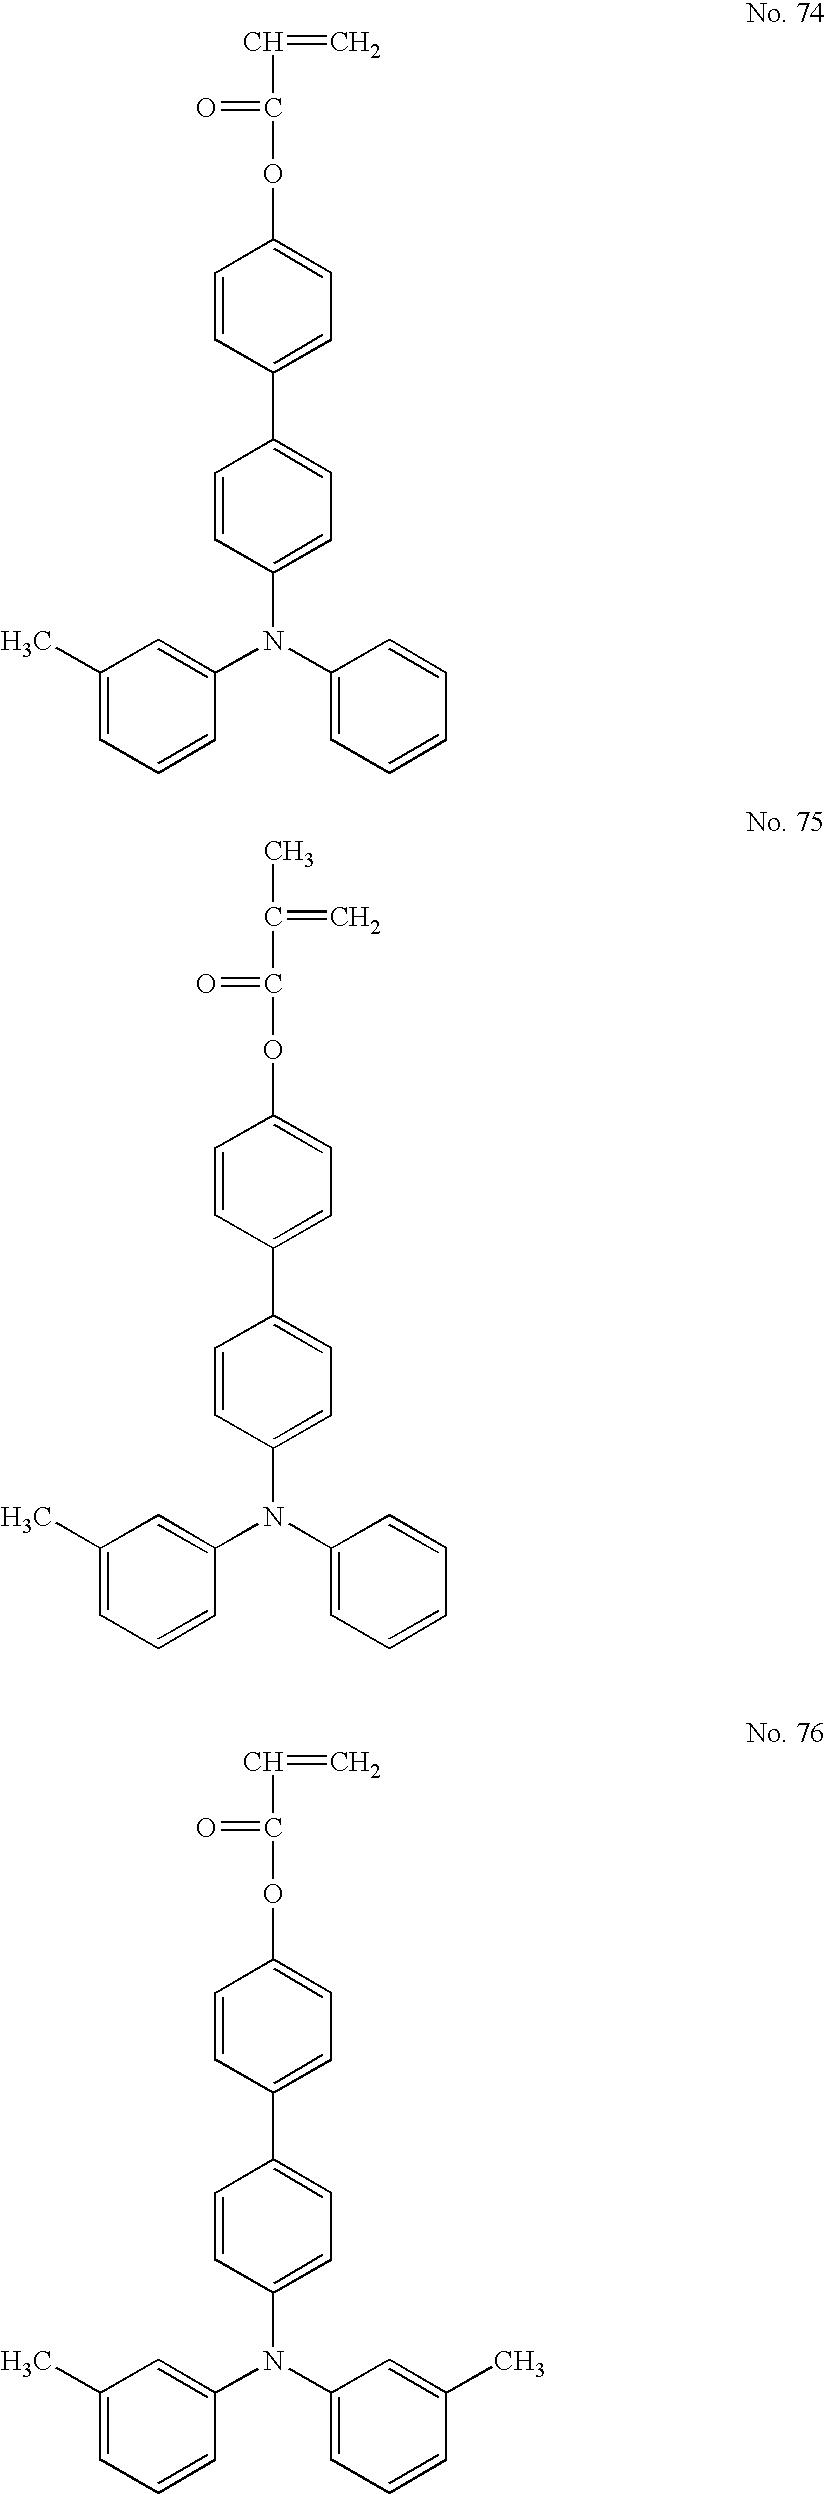 Figure US07824830-20101102-C00040